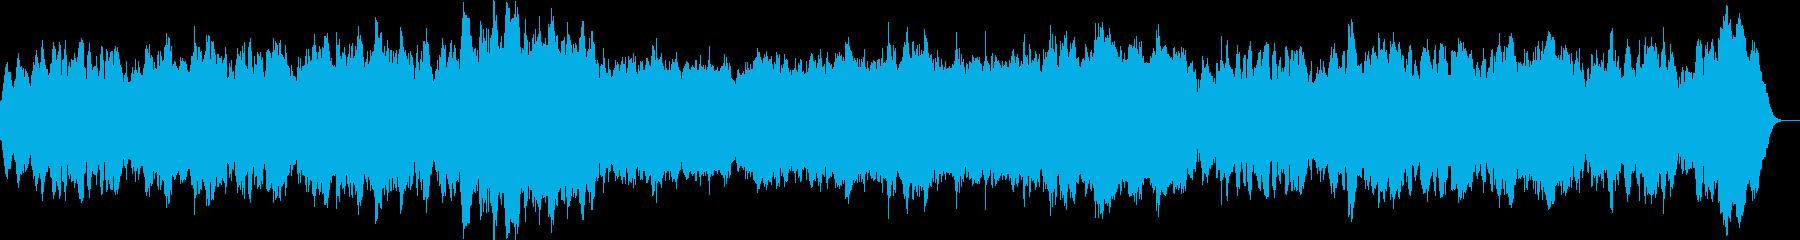 バロックオリジナルでパイプオルガンメインの再生済みの波形